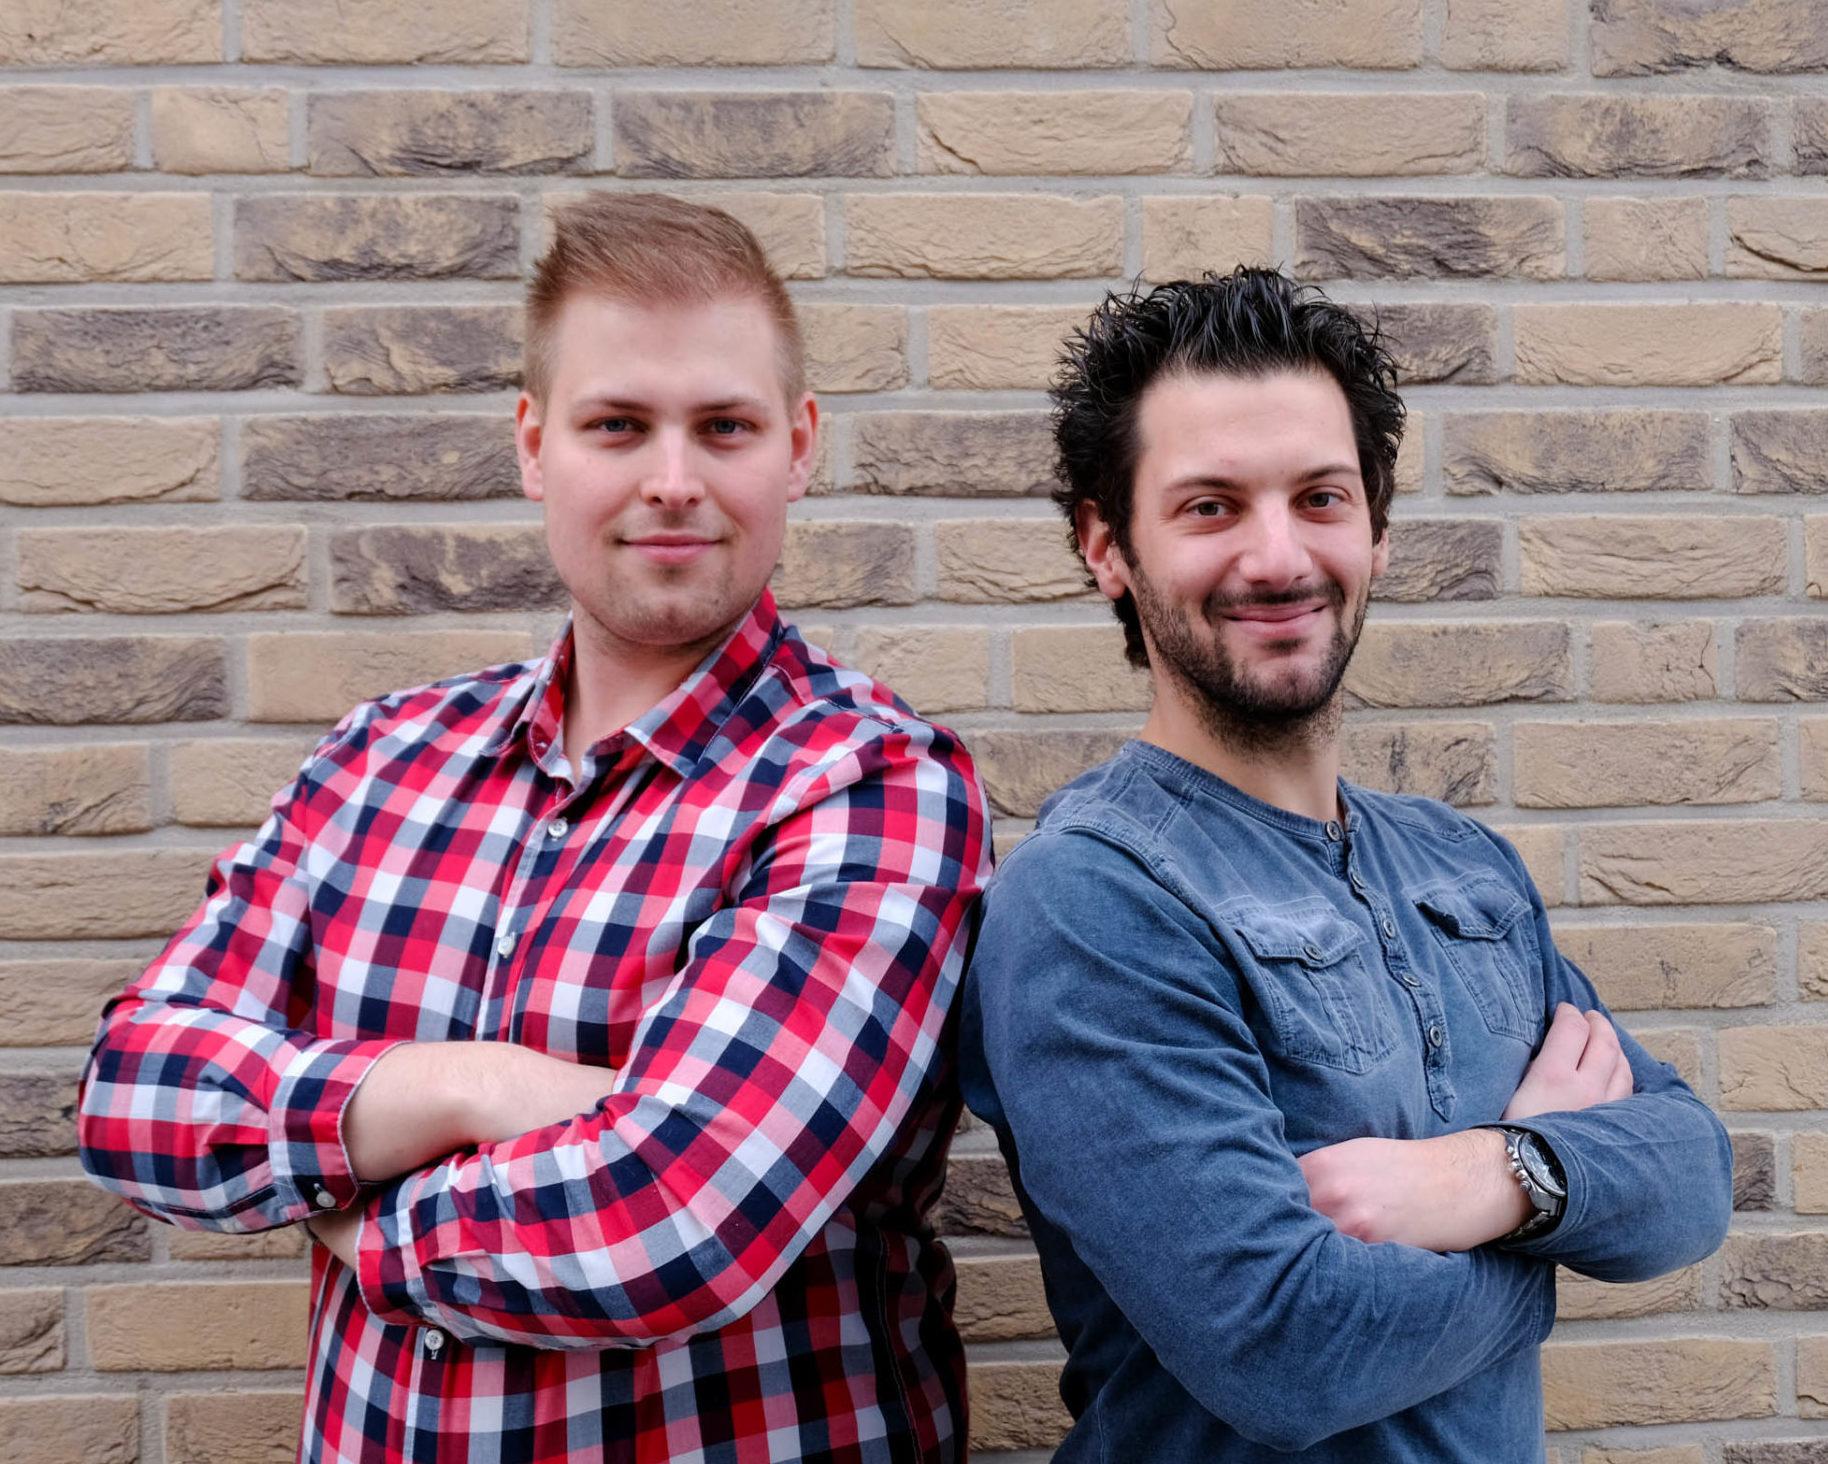 Bild der Inhaber Lindner und Andrick